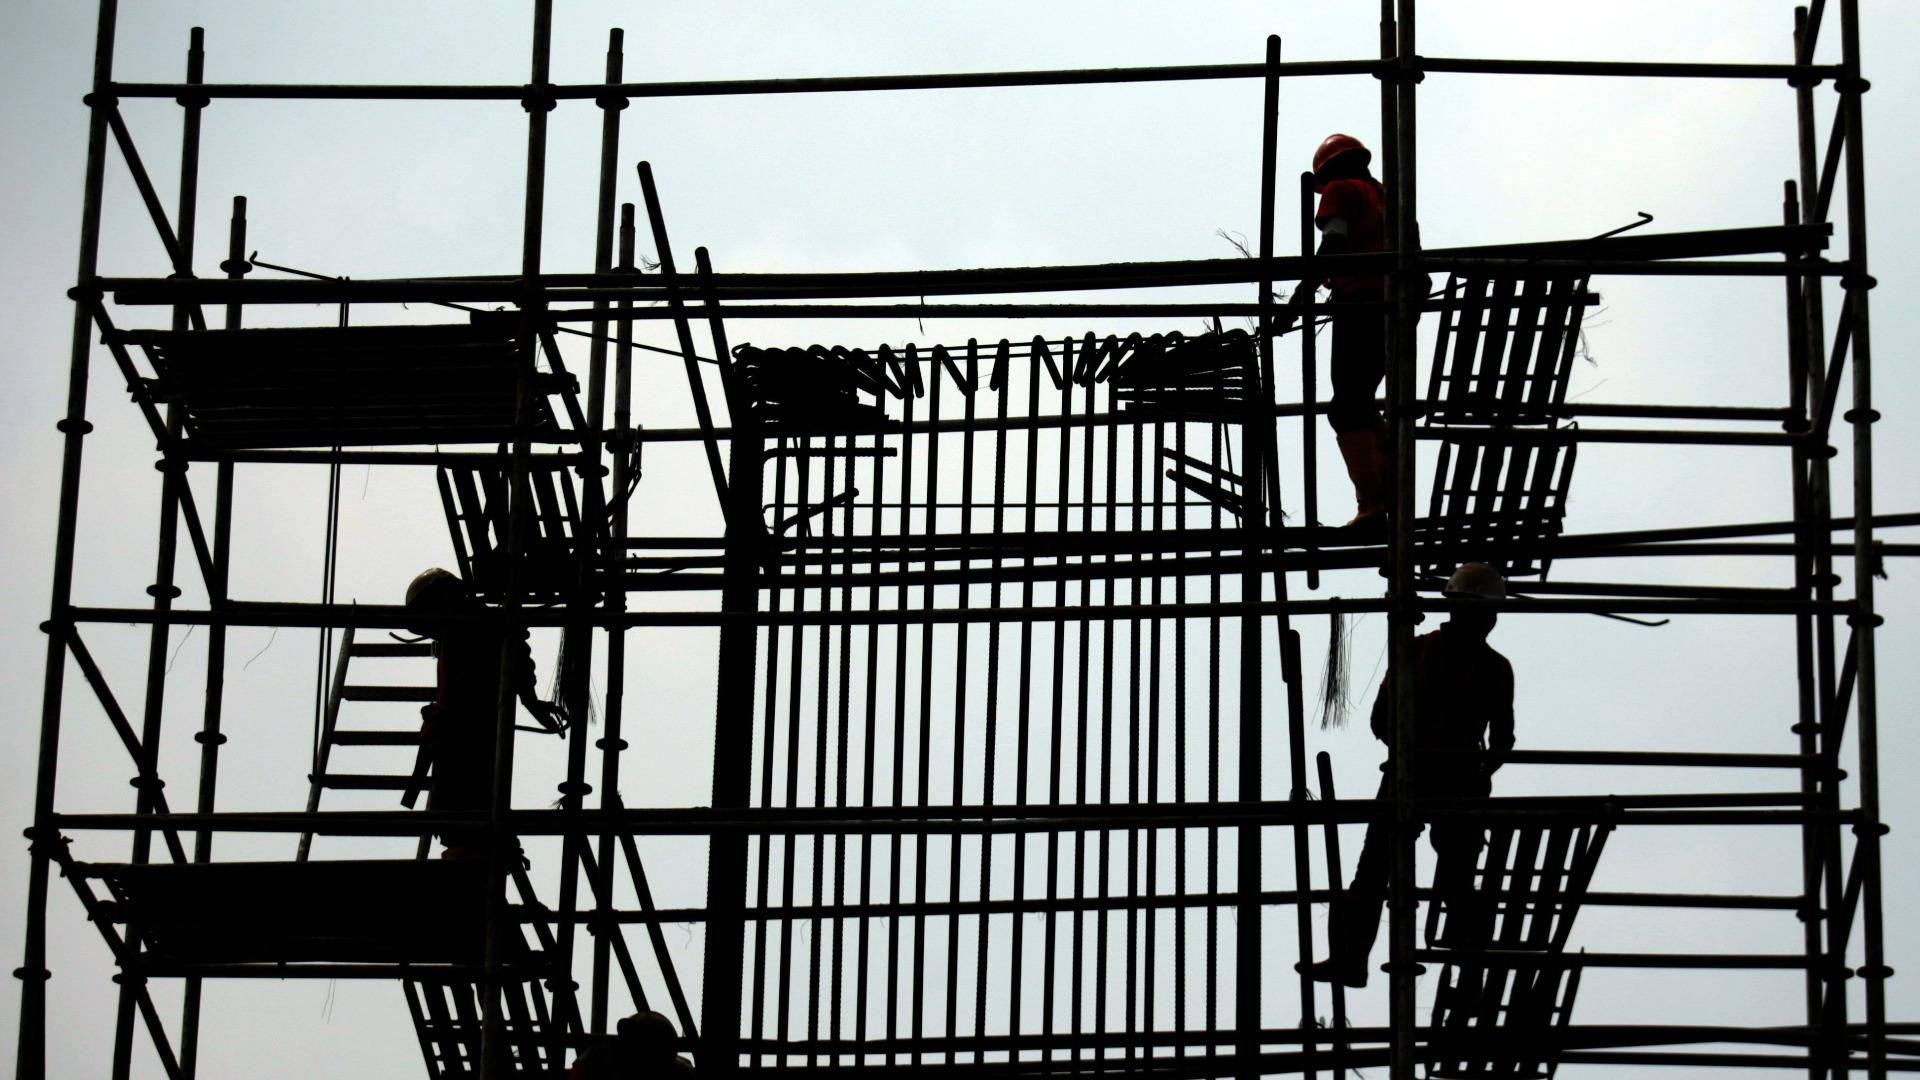 Проверките установили нарастване на нарушенията при мерките за безопасност, особено при работа на височина.